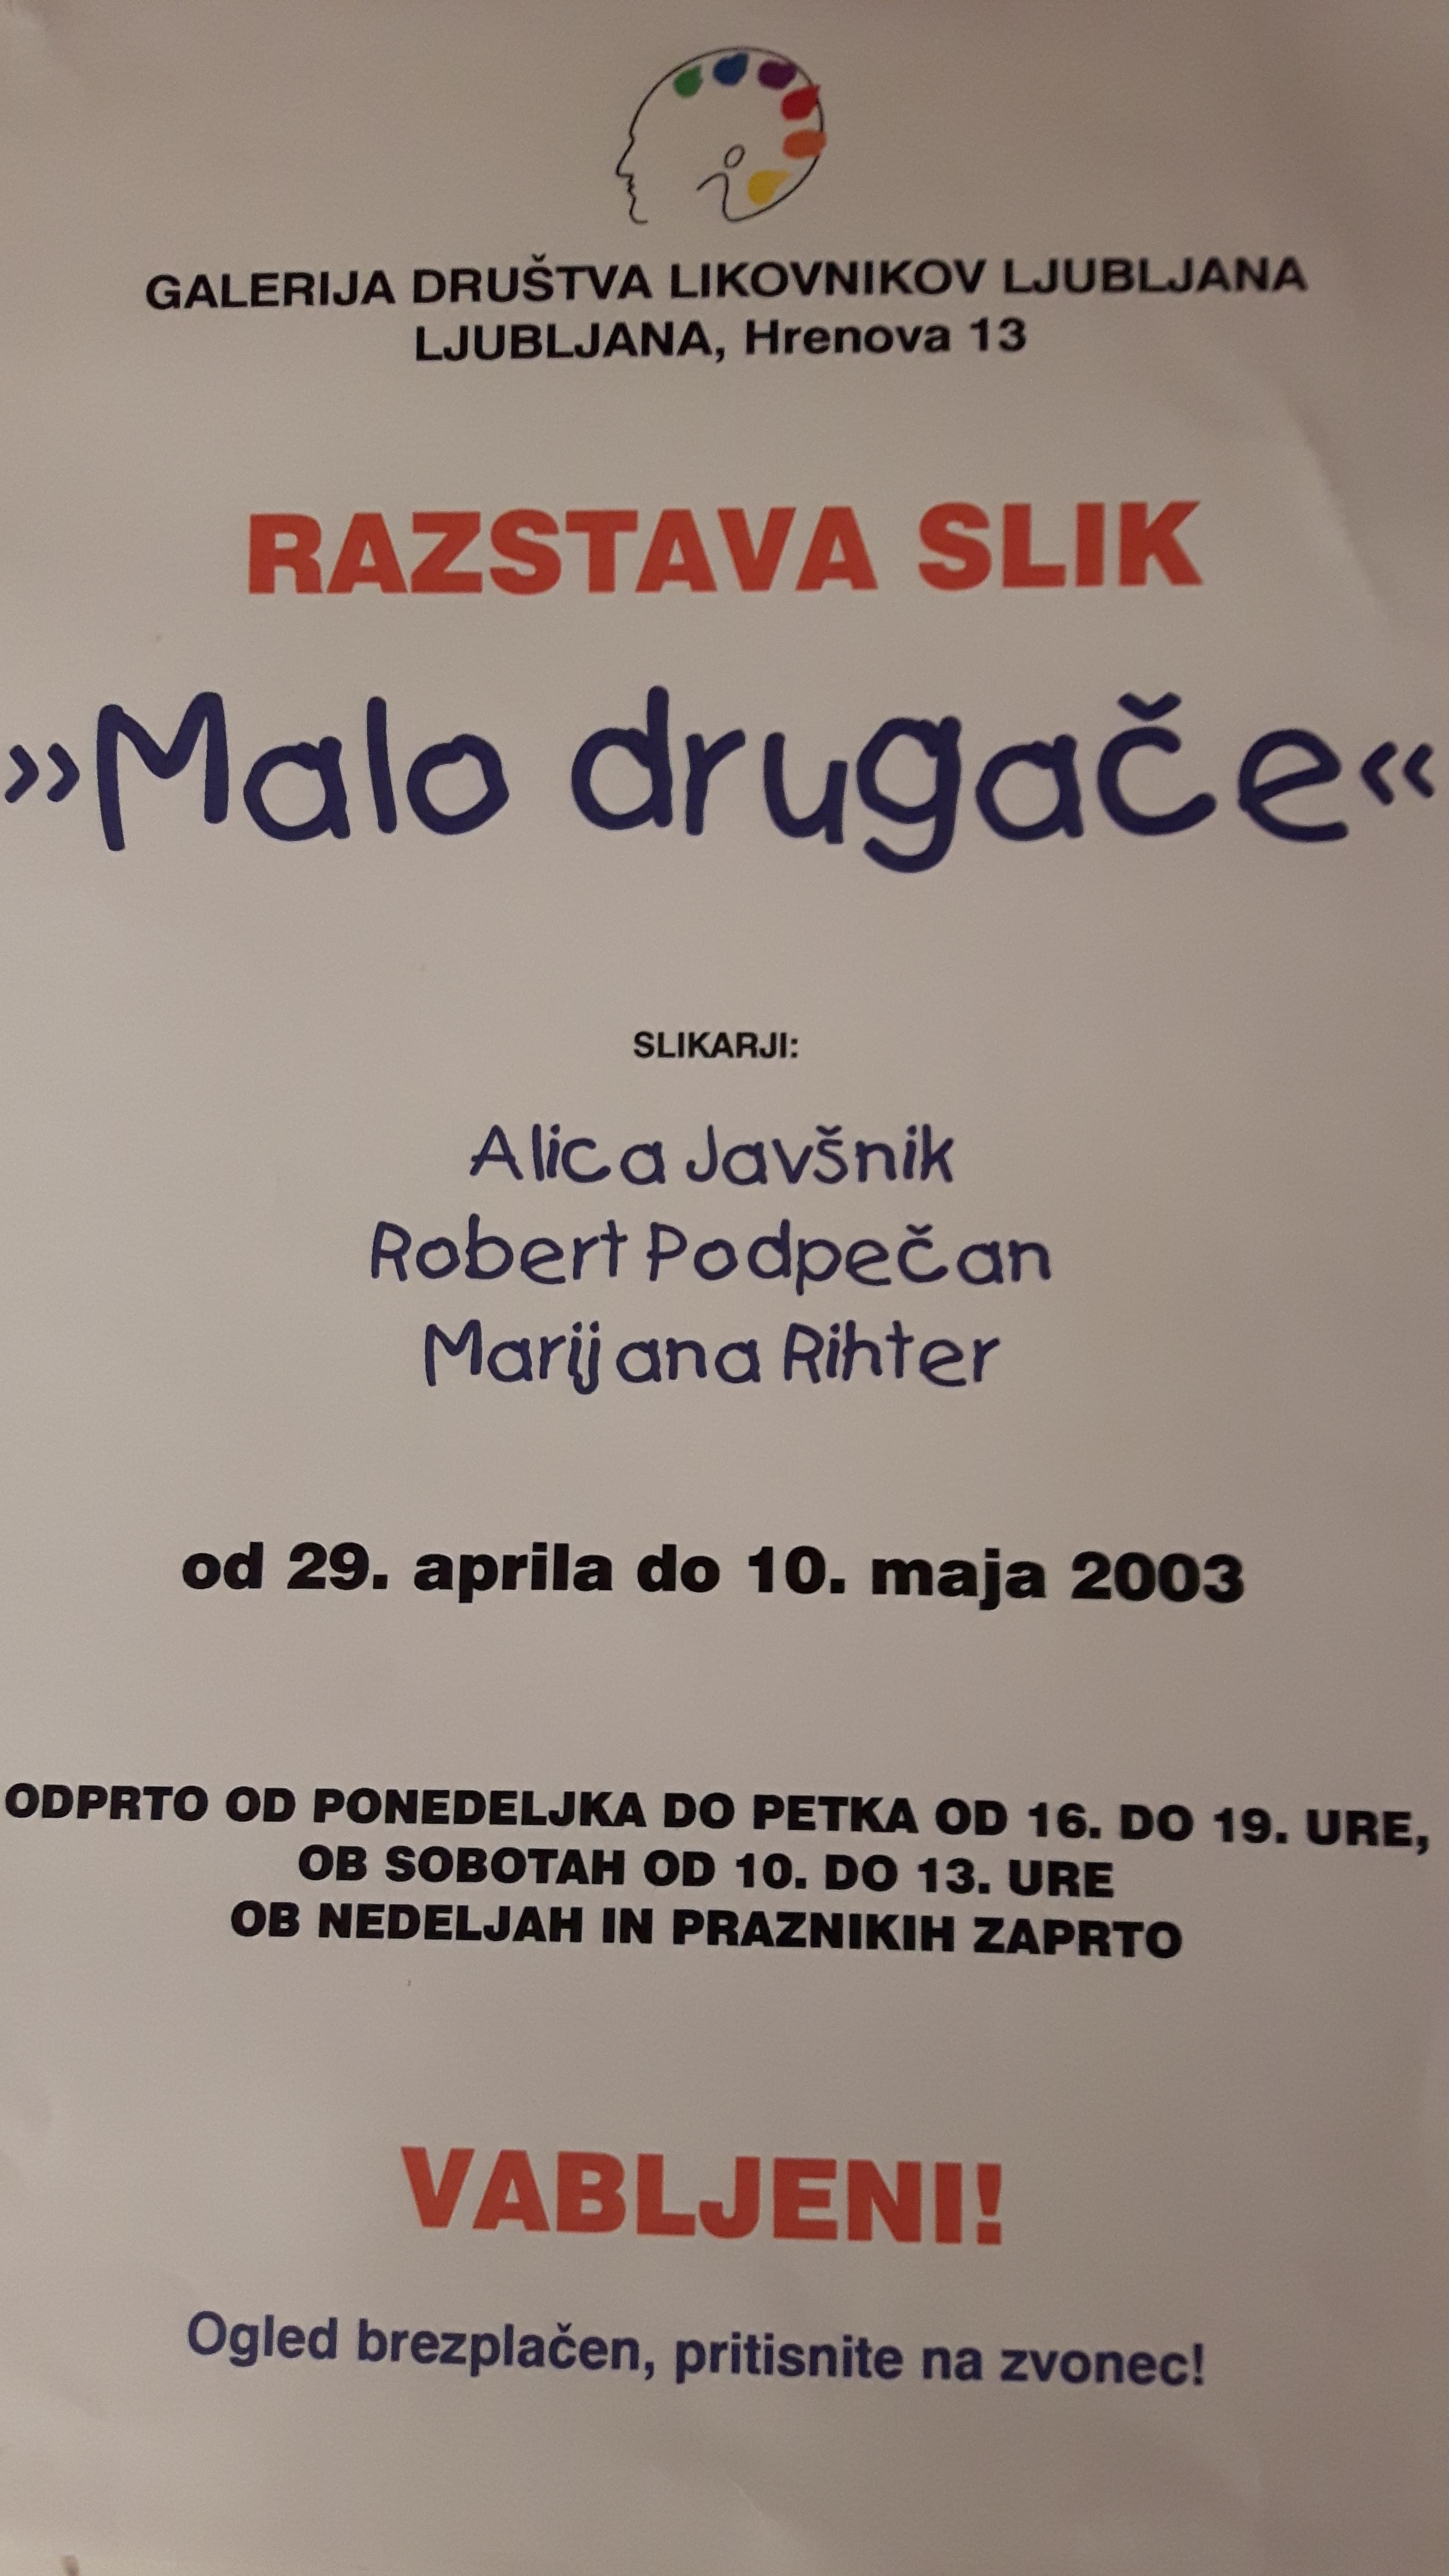 Razstava_trojčka_v_Ljubljani_2003_3